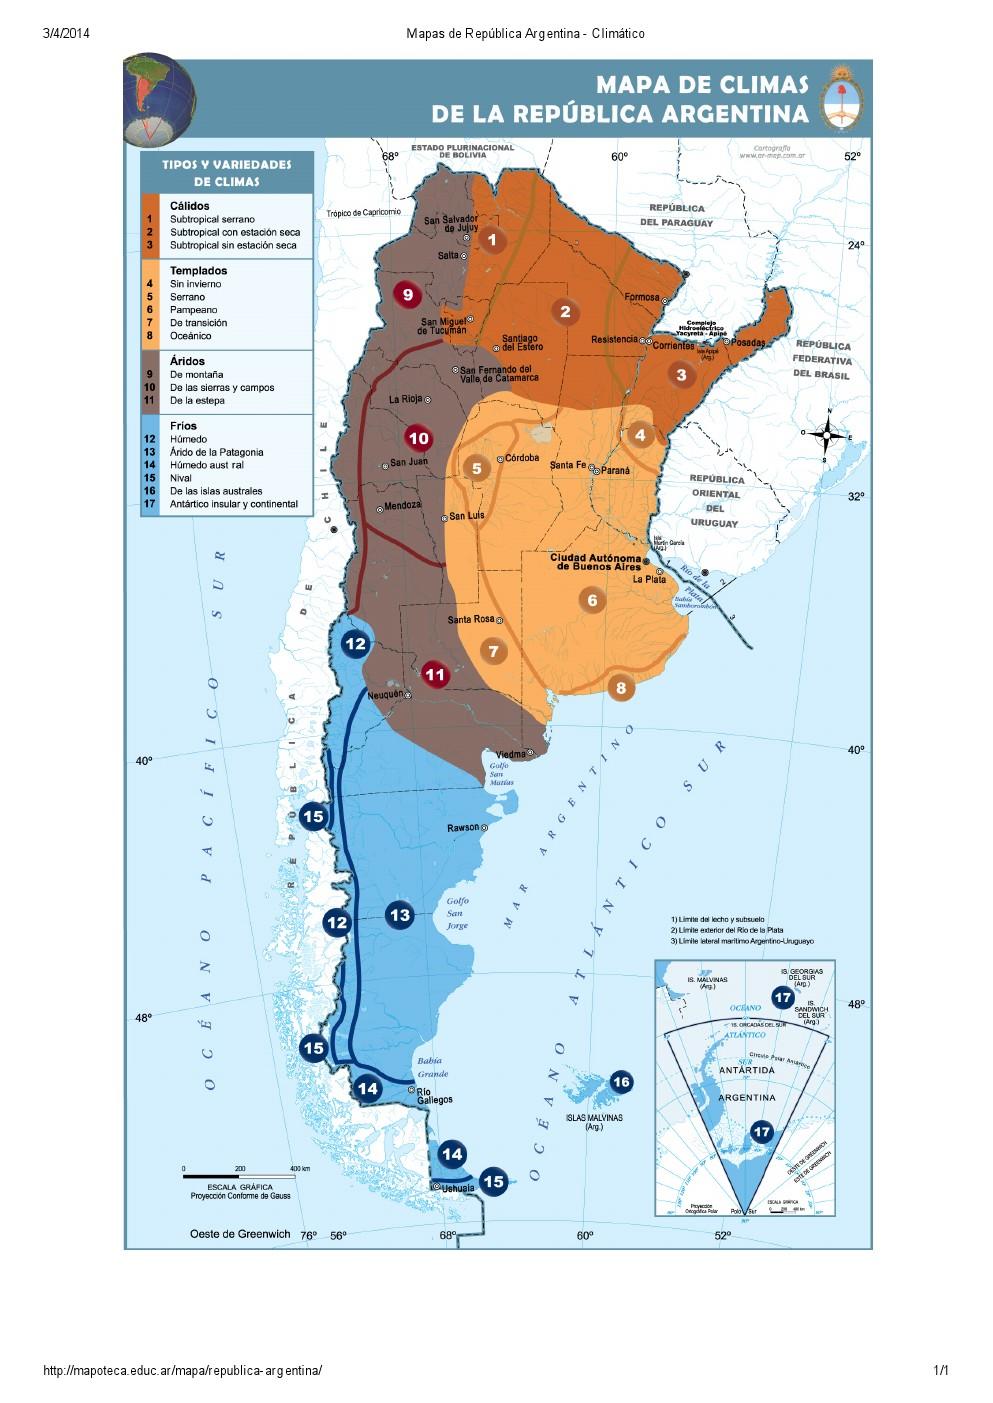 Mapa climático de Argentina. Mapoteca de Educ.ar